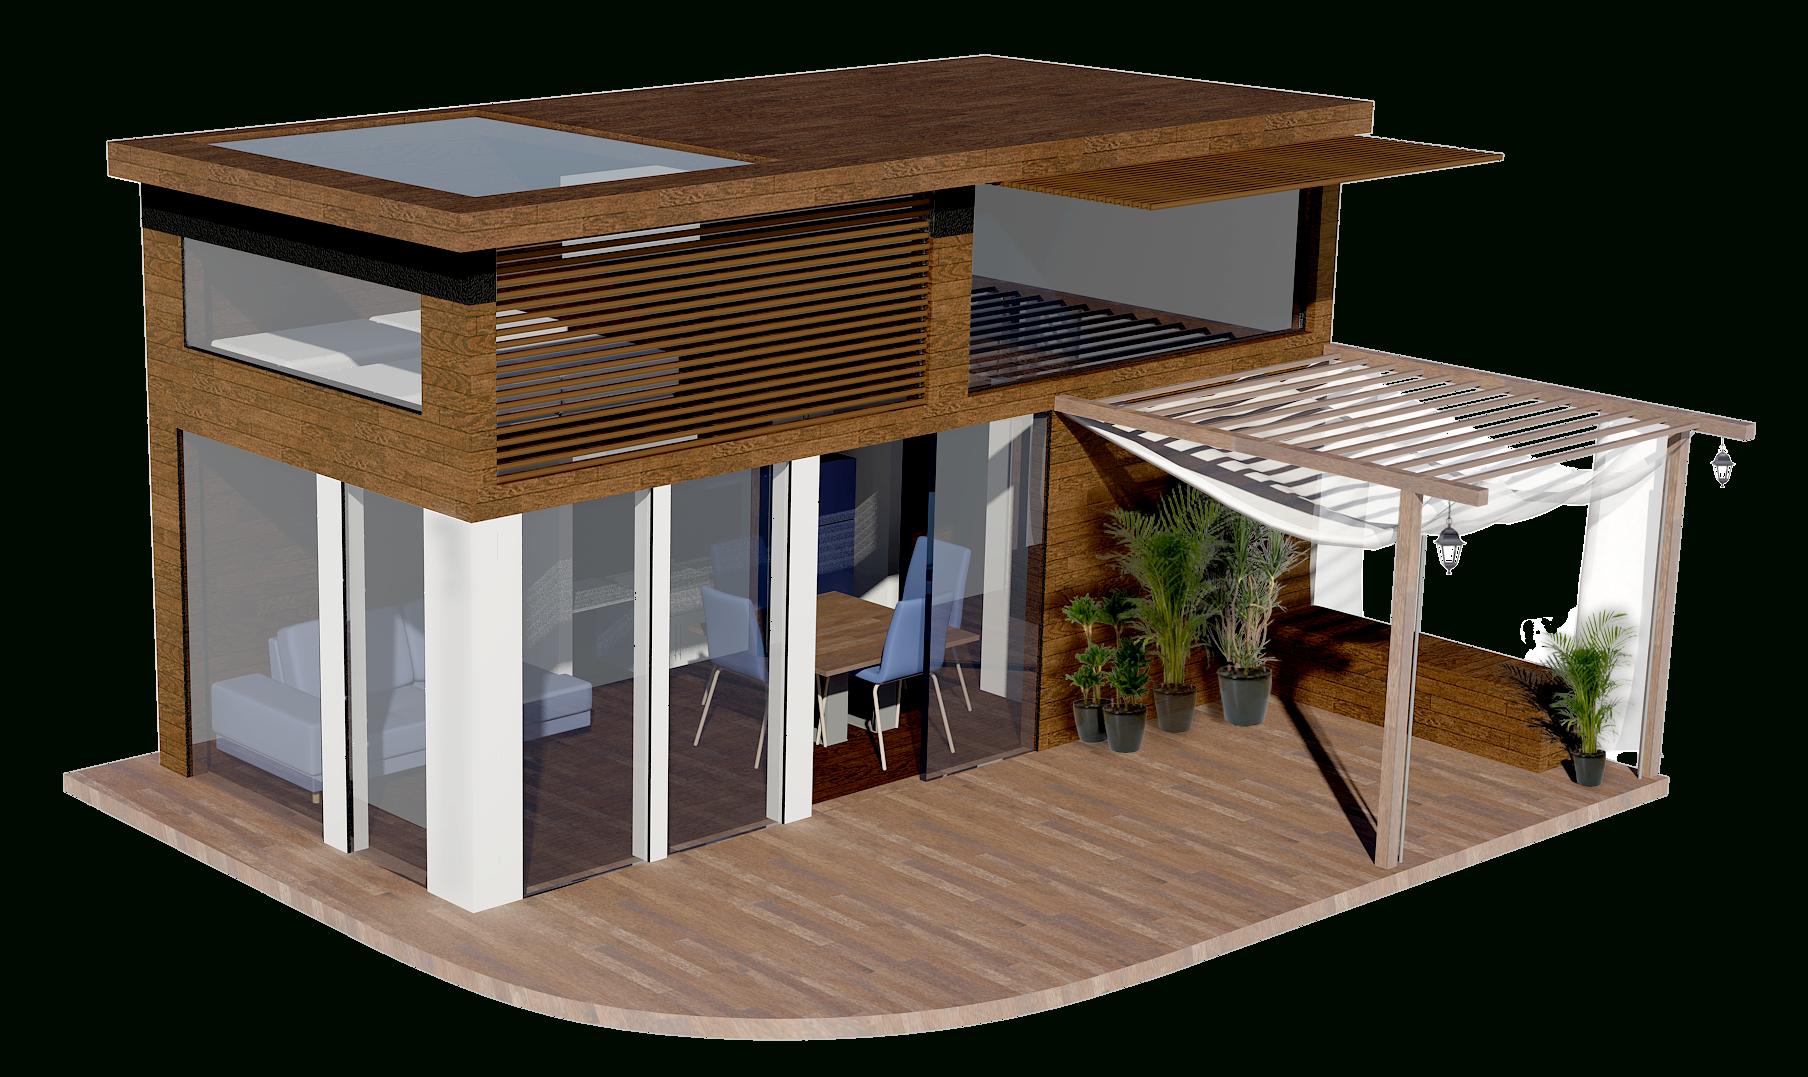 Plan Maison 20M2 Avec Mezzanine | Maison Ossature Bois, Plan ... intérieur Chalet En Bois 20M2